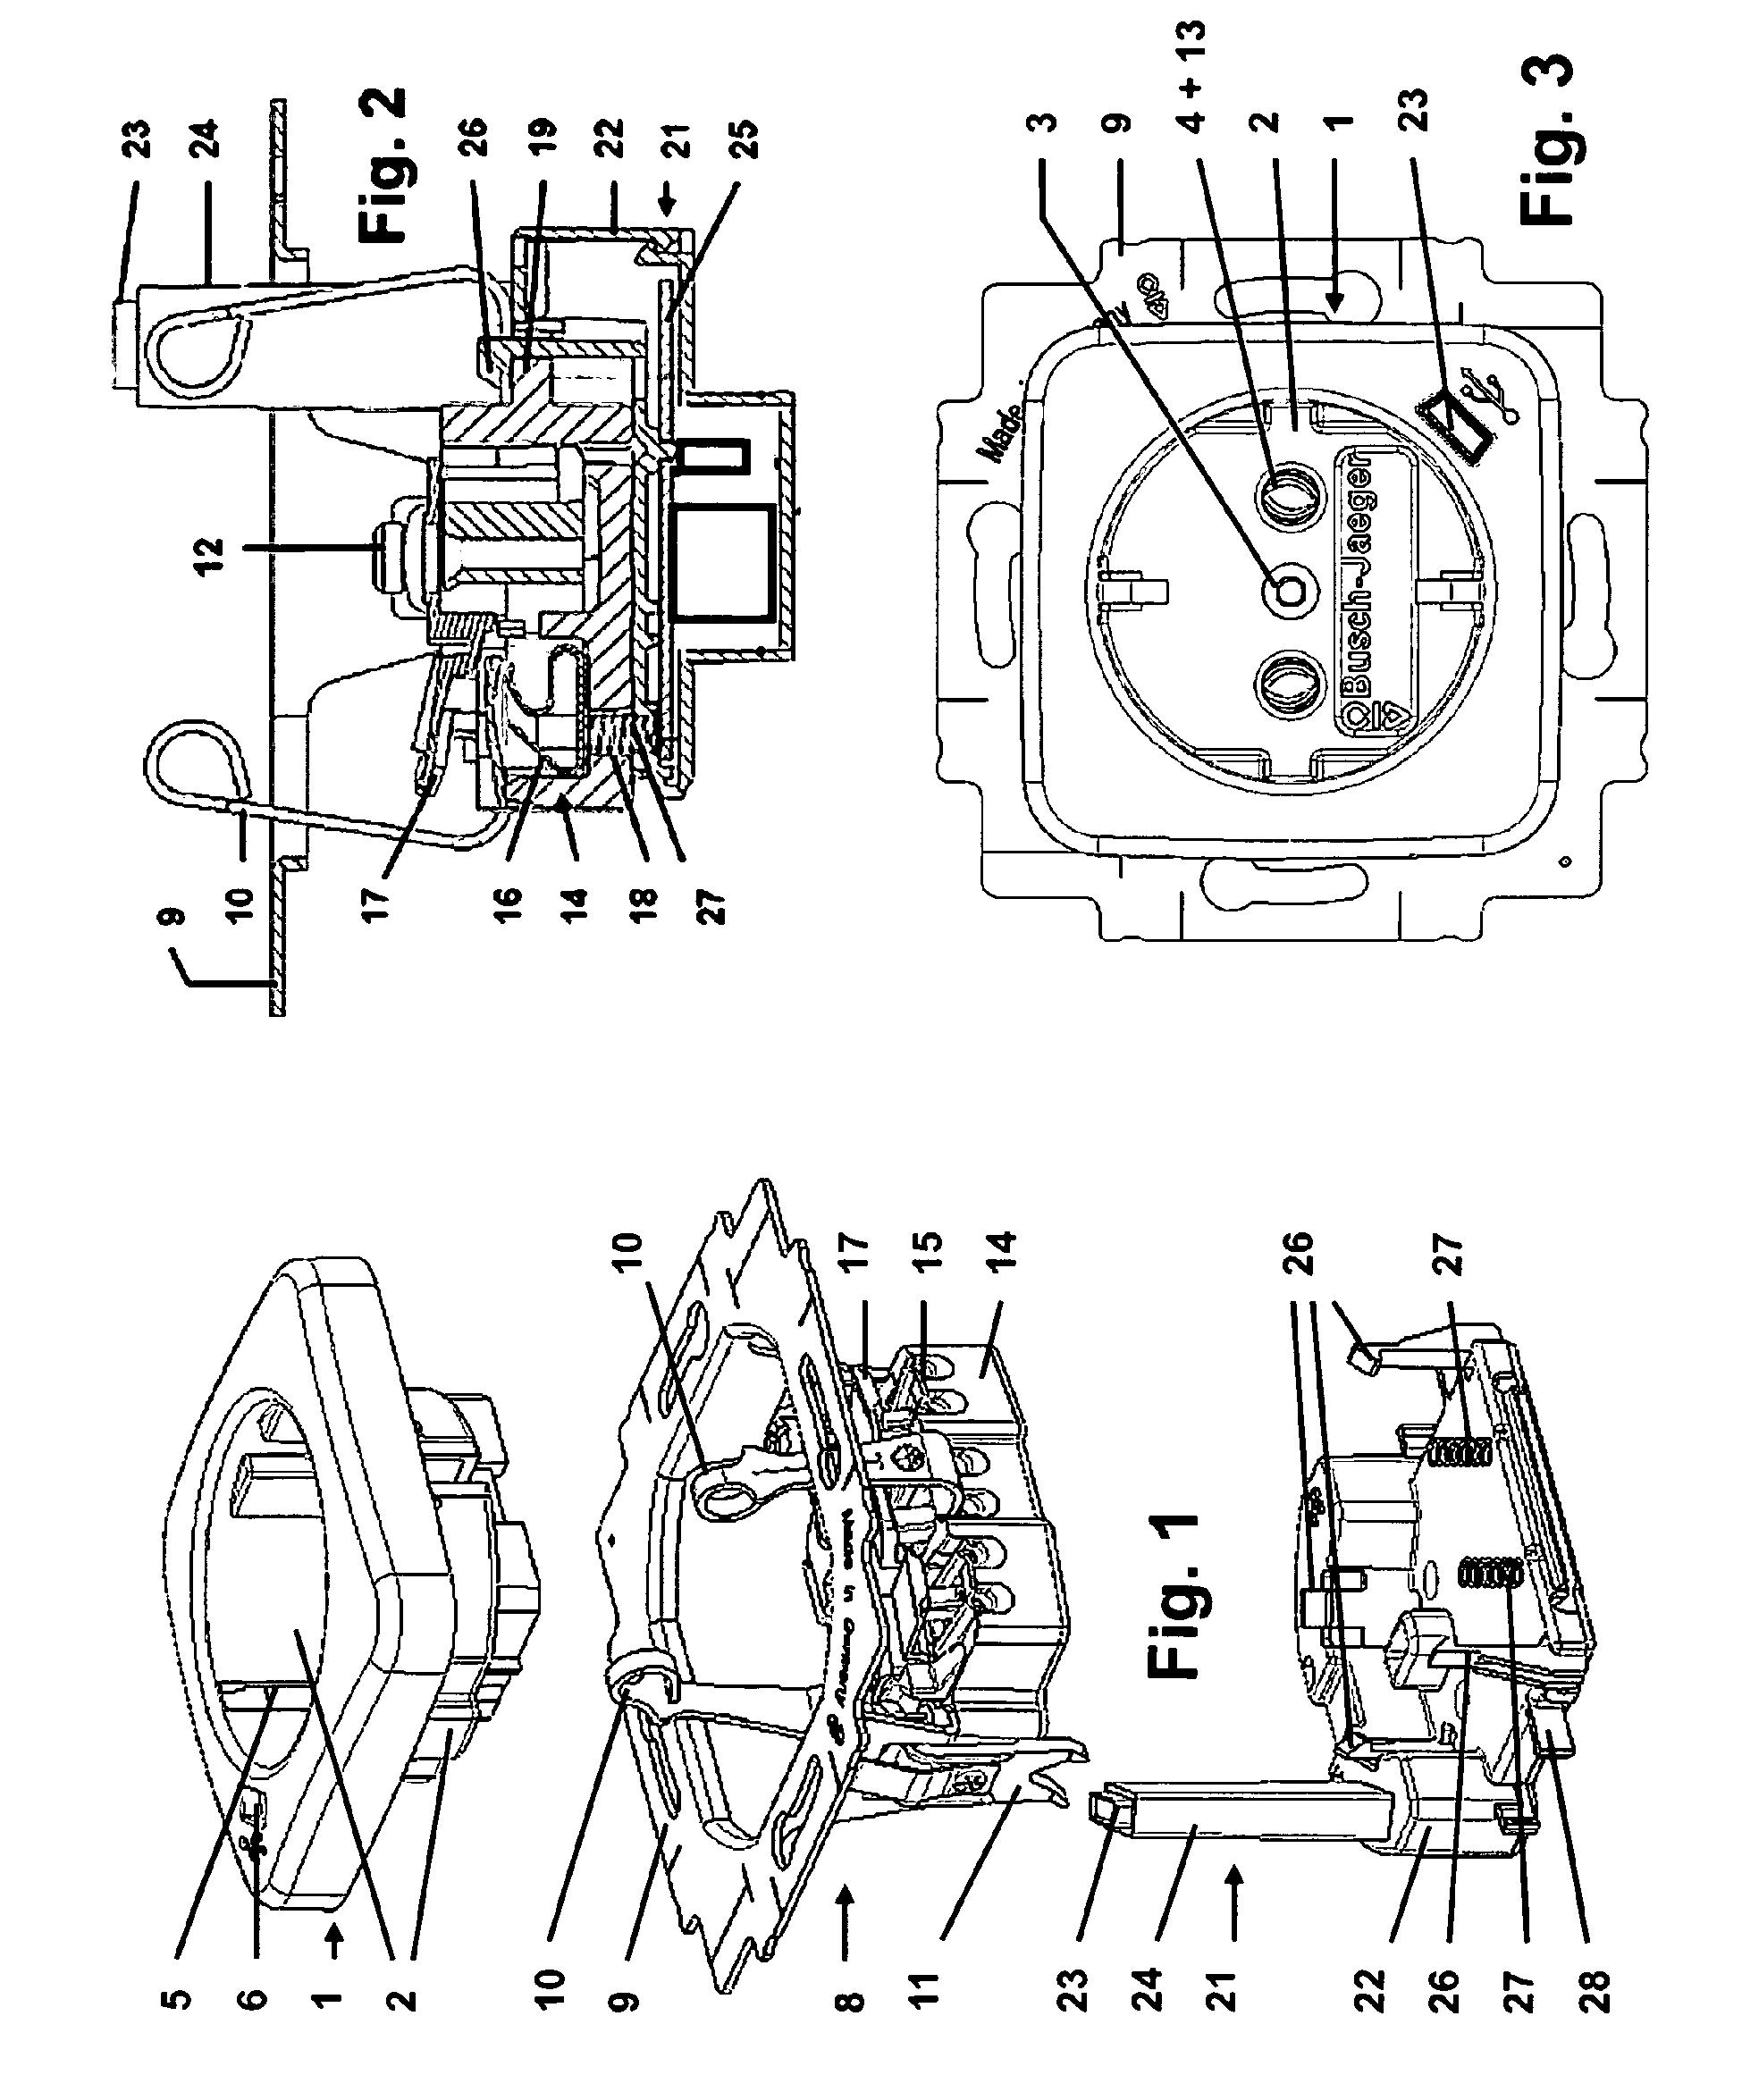 Cl 2 Audio Wiring